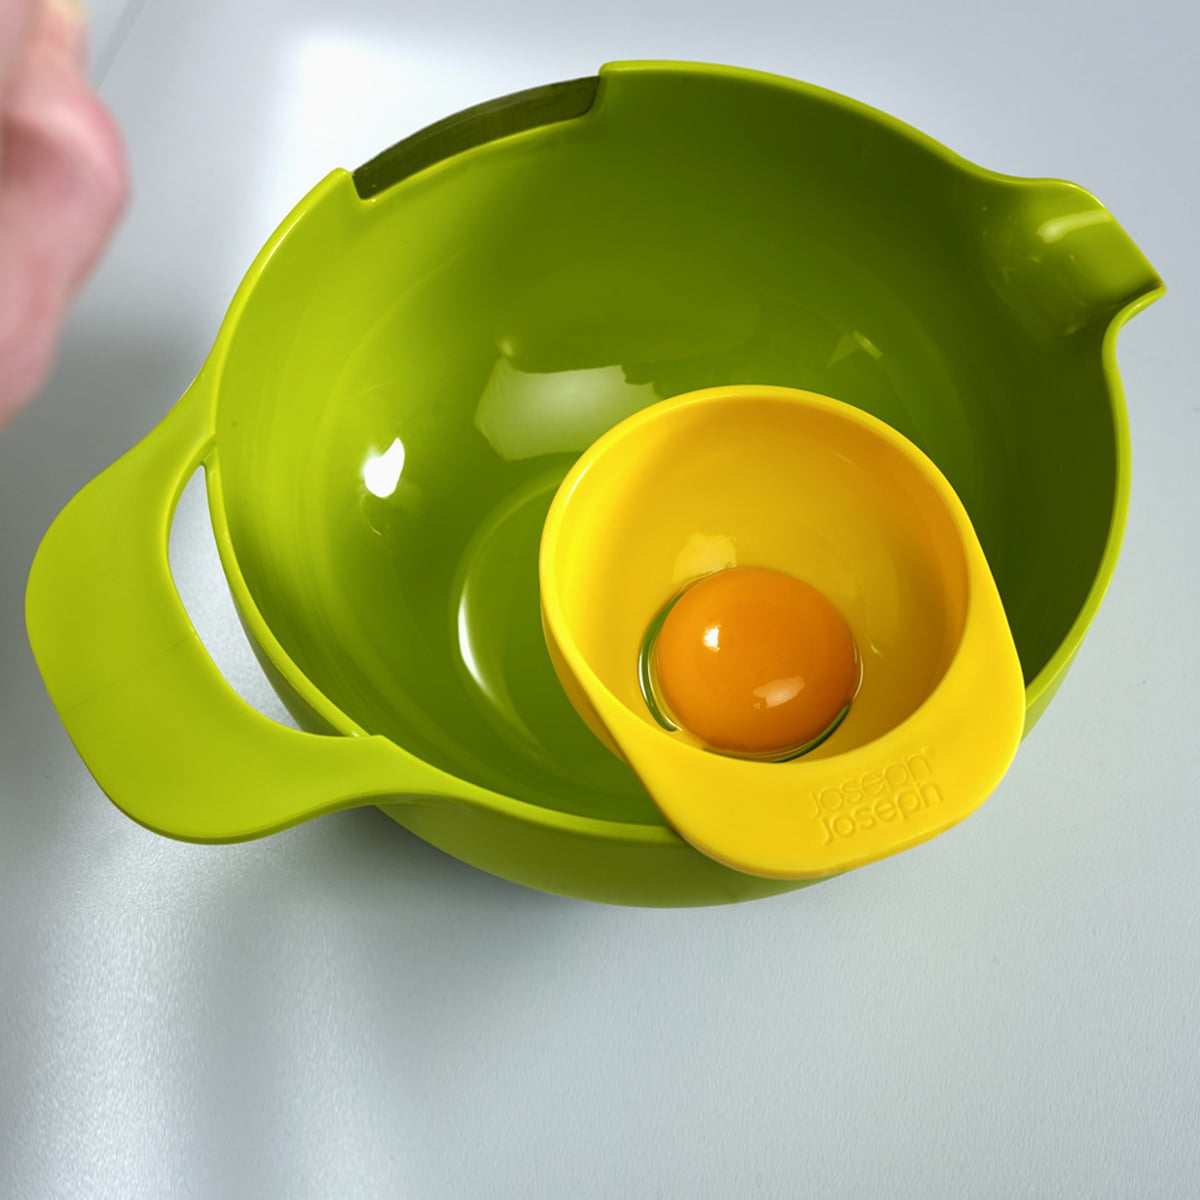 Plastic Egg Set Cuisinier Aide Blanc 4 Pièces De Coquetier En Plastique